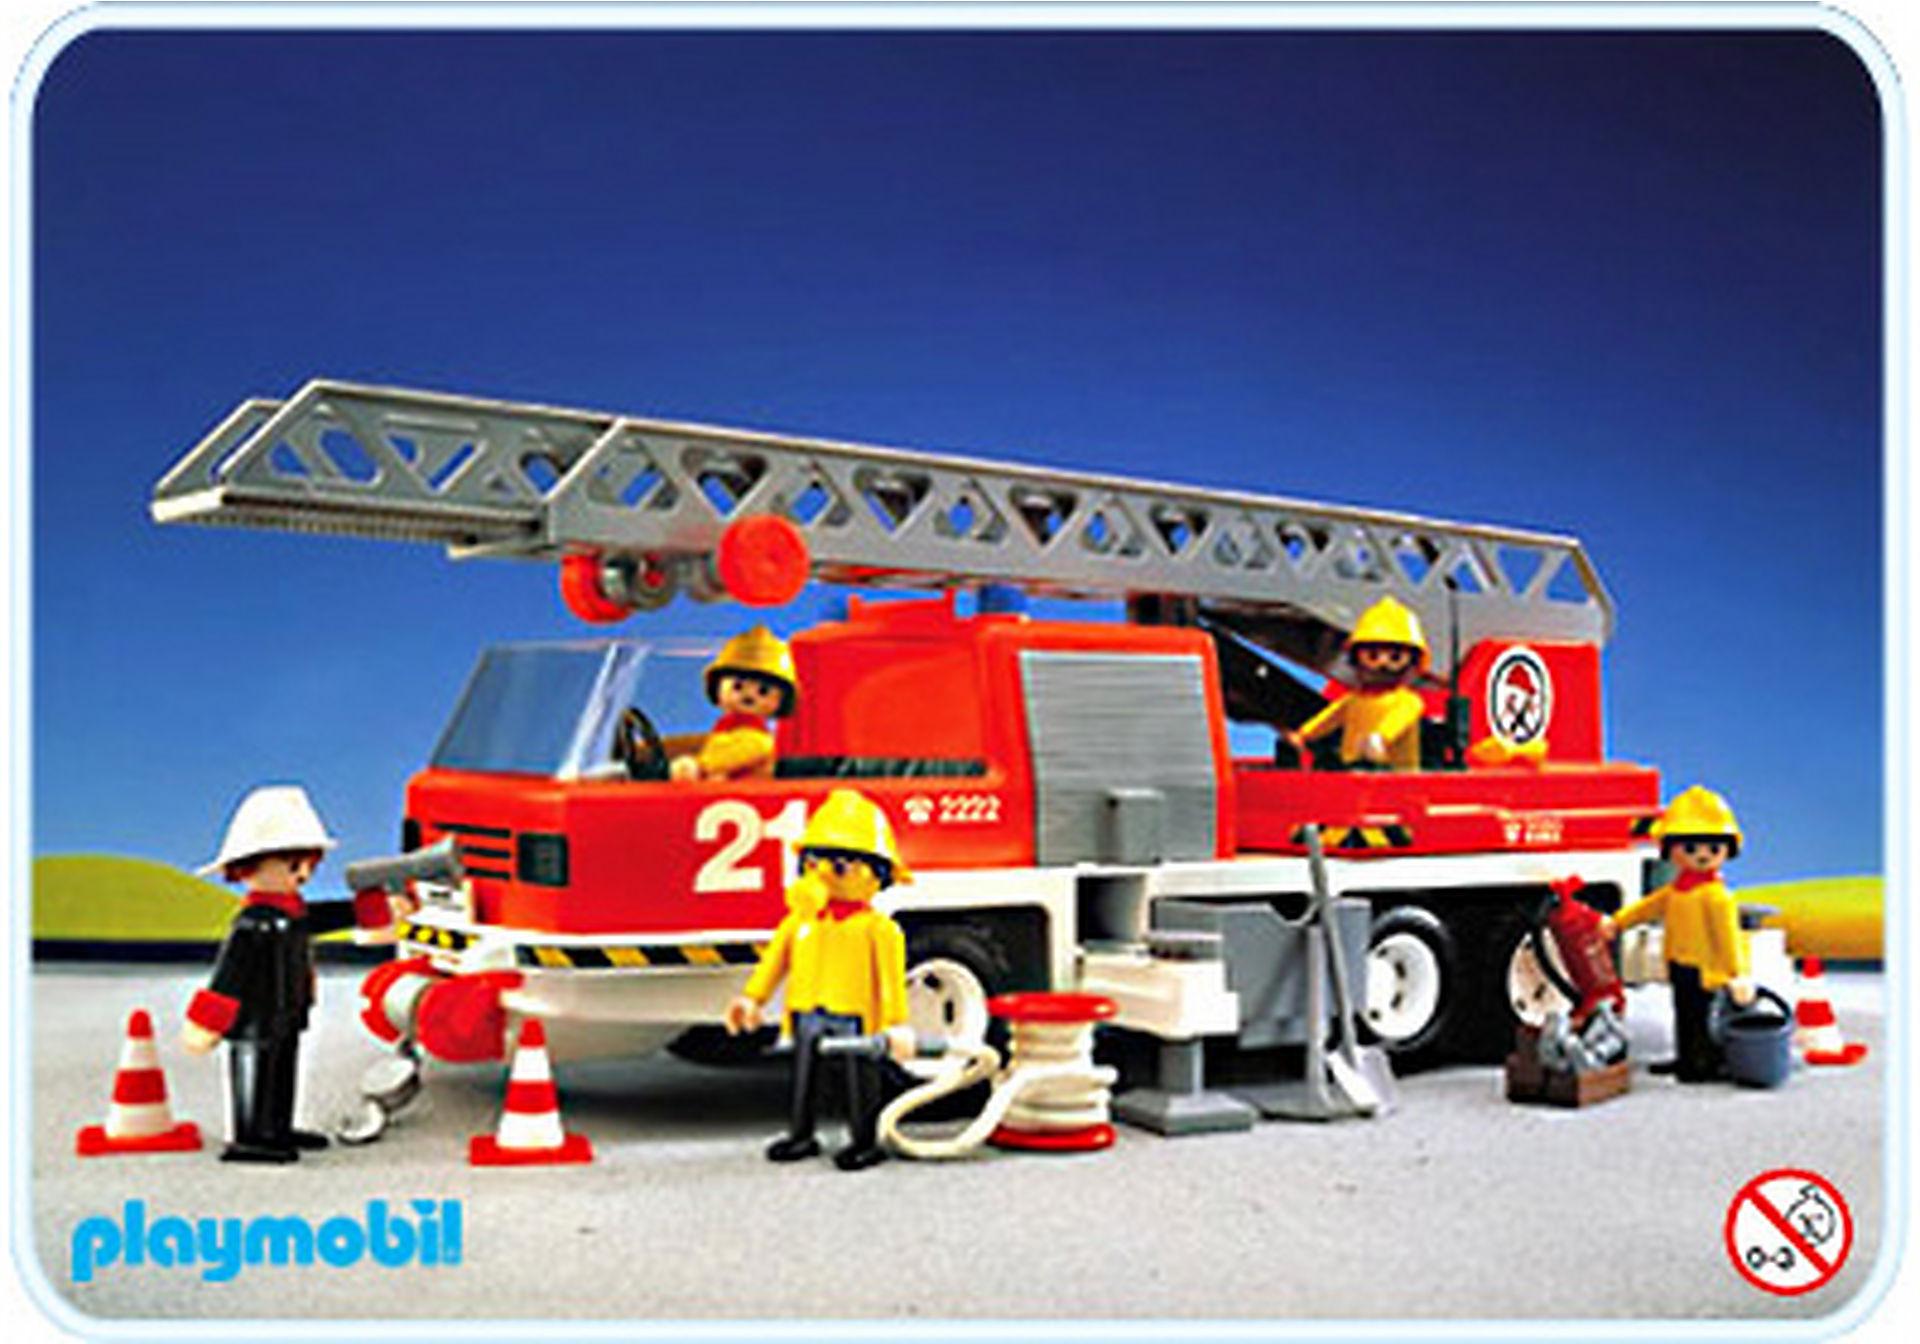 3781-A Feuerwehr-Leiterfahrzeug zoom image1